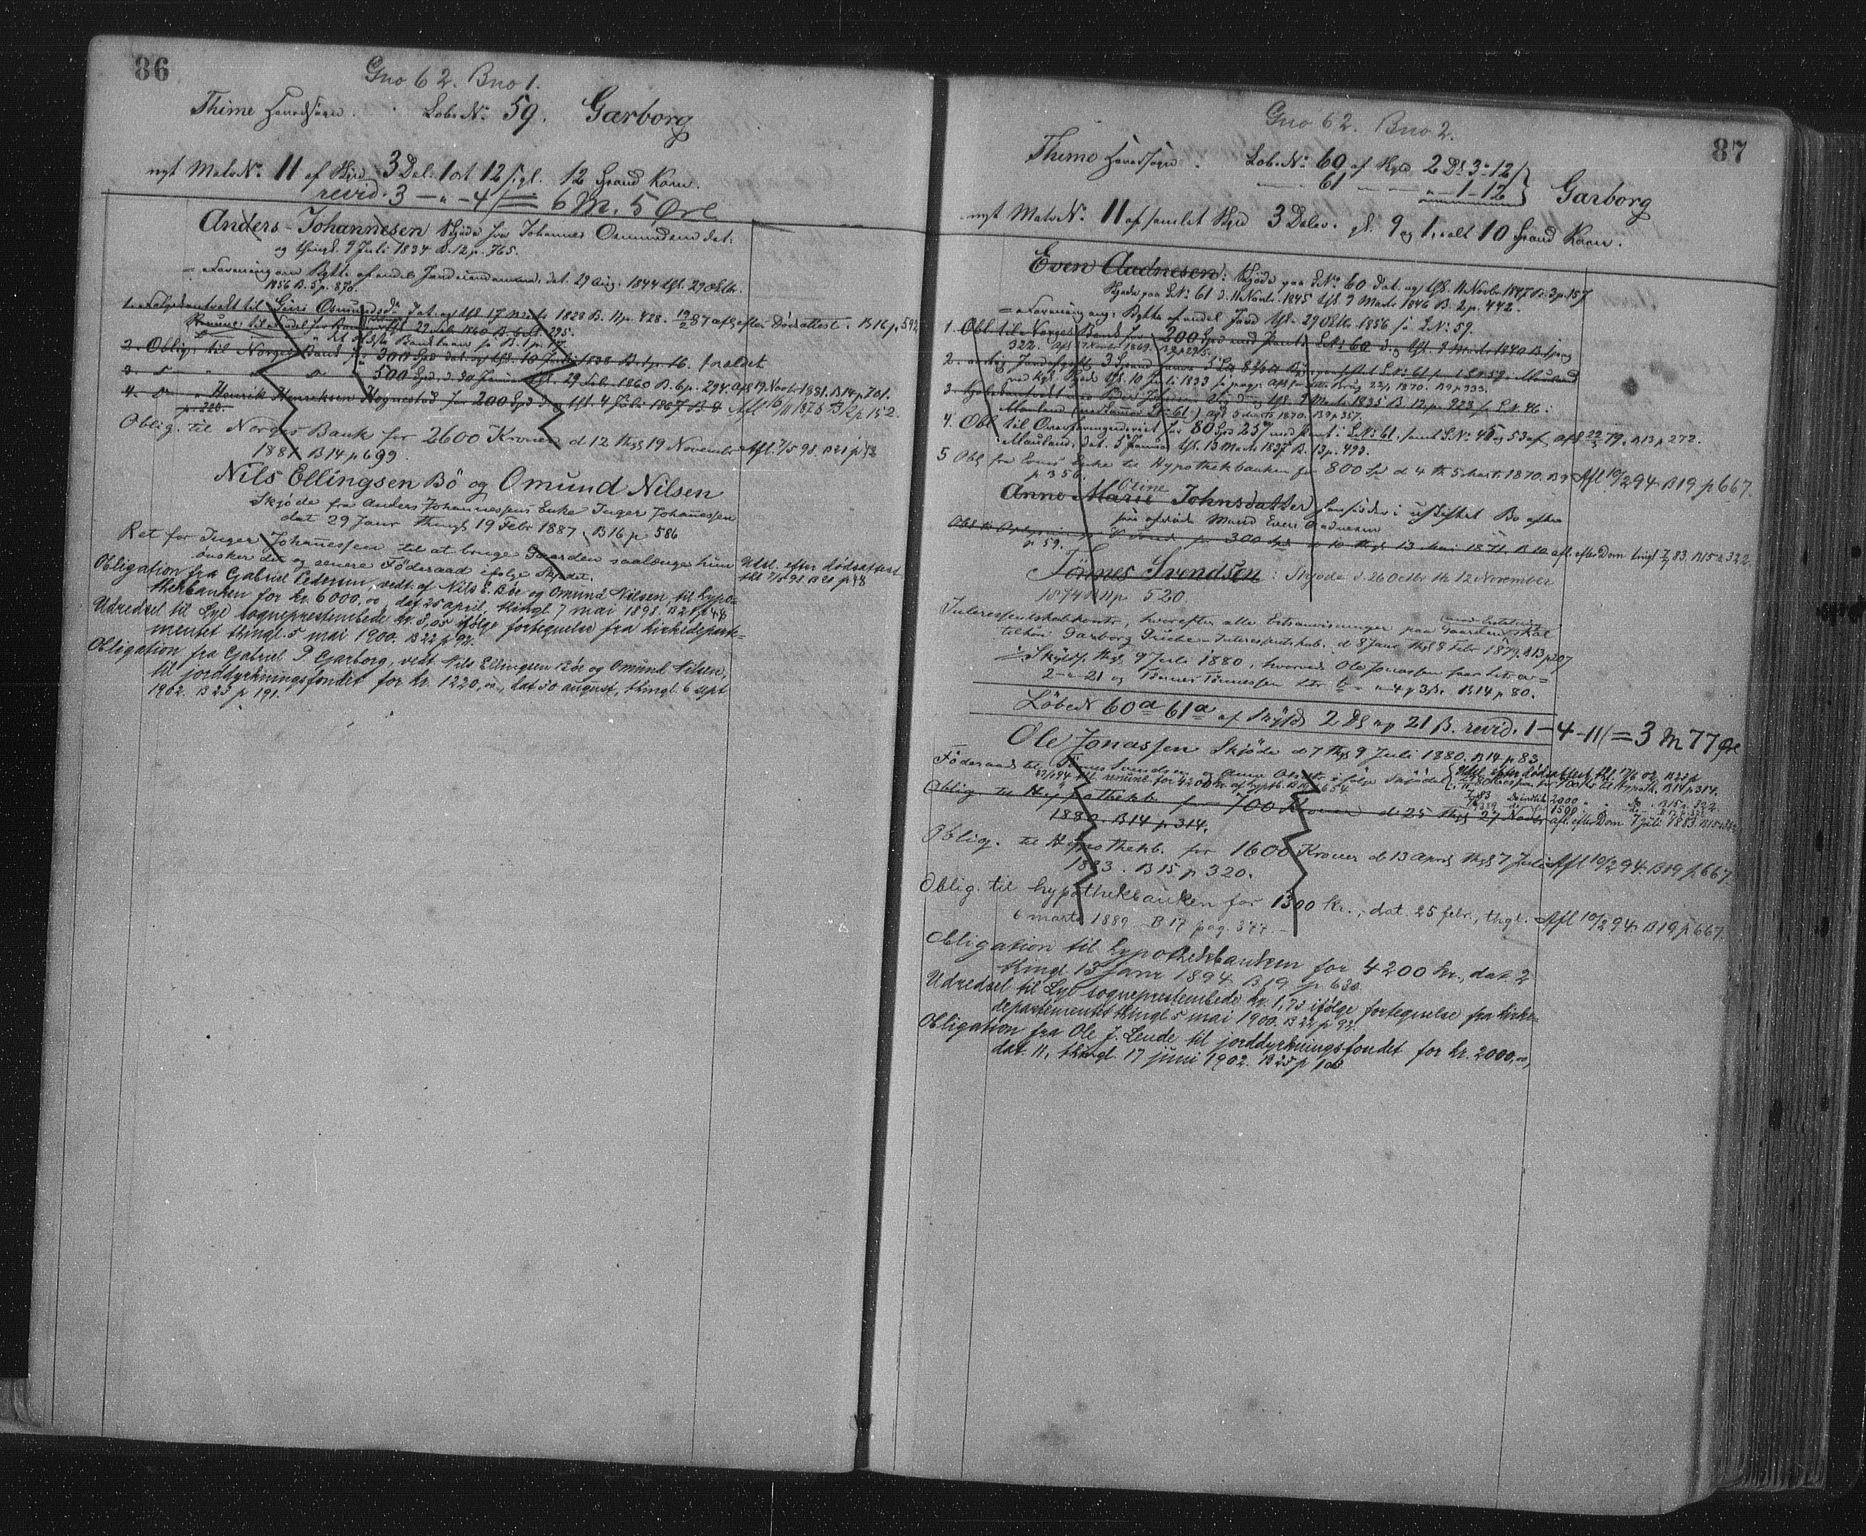 SAST, Jæren sorenskriveri, 4/41/41ABA/L0001: Panteregister nr. 41 ABA1, 1898, s. 86-87